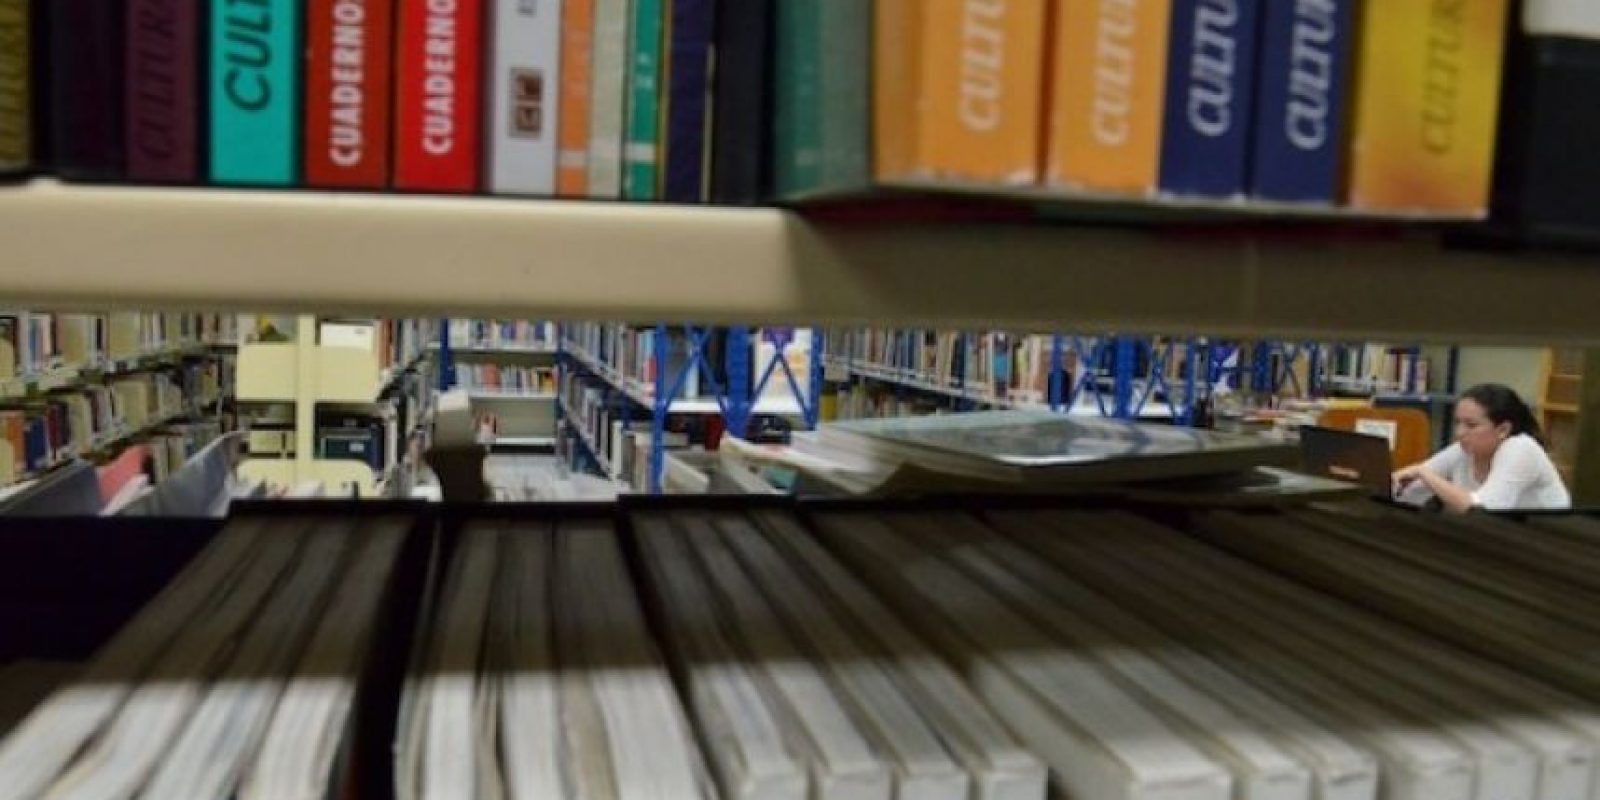 Biblioteca del campus central. Foto:Juan José López Torres